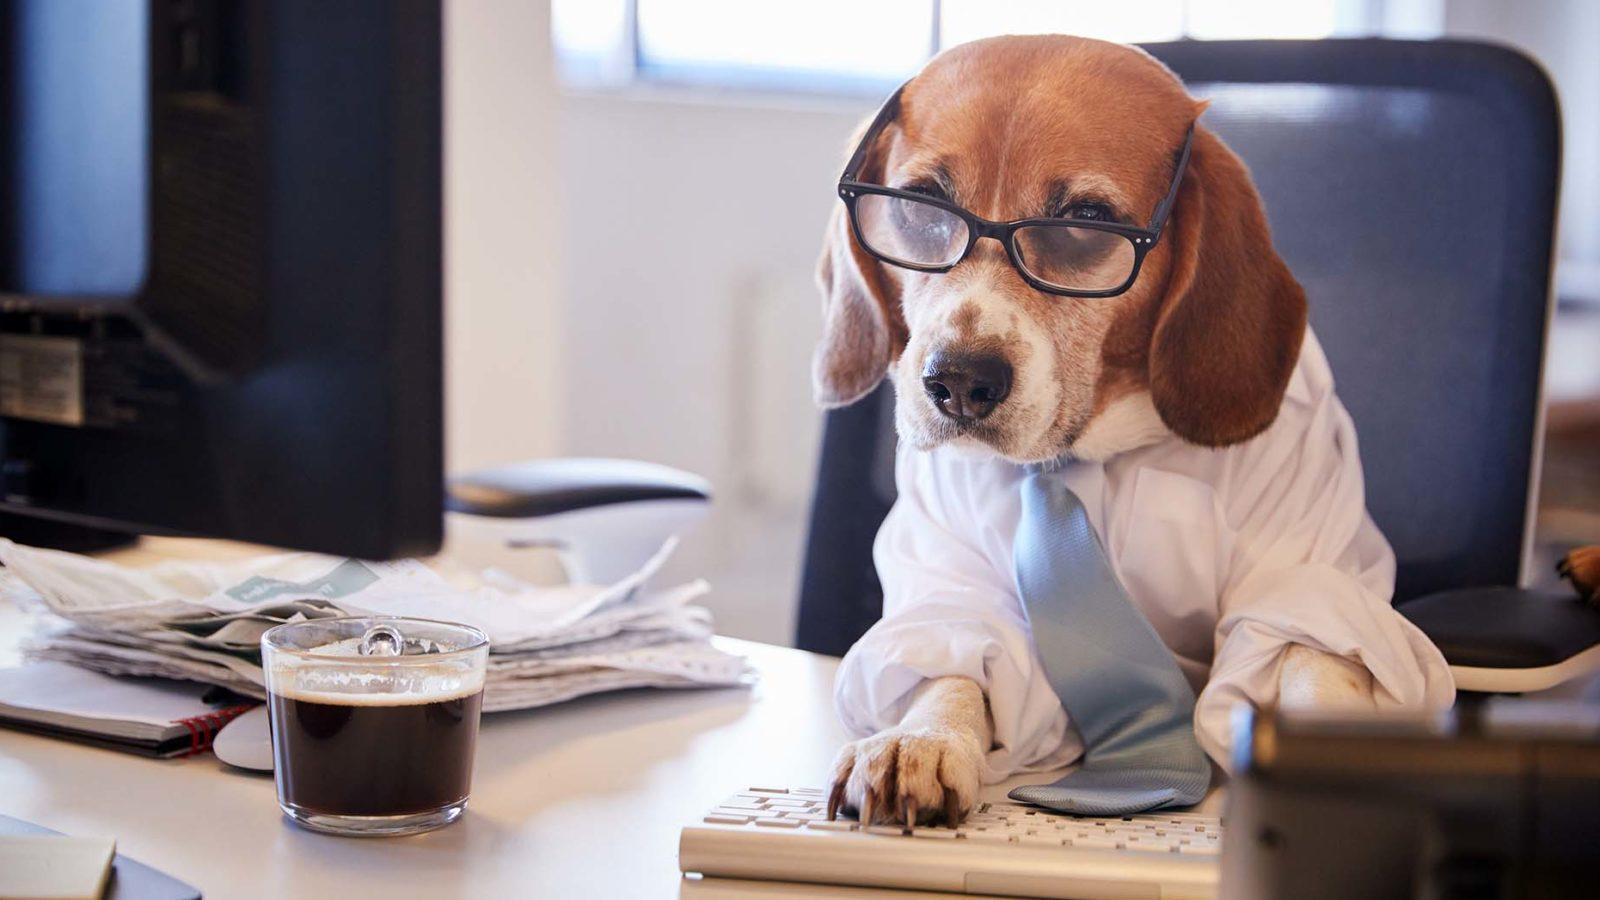 Beagle at the Computer